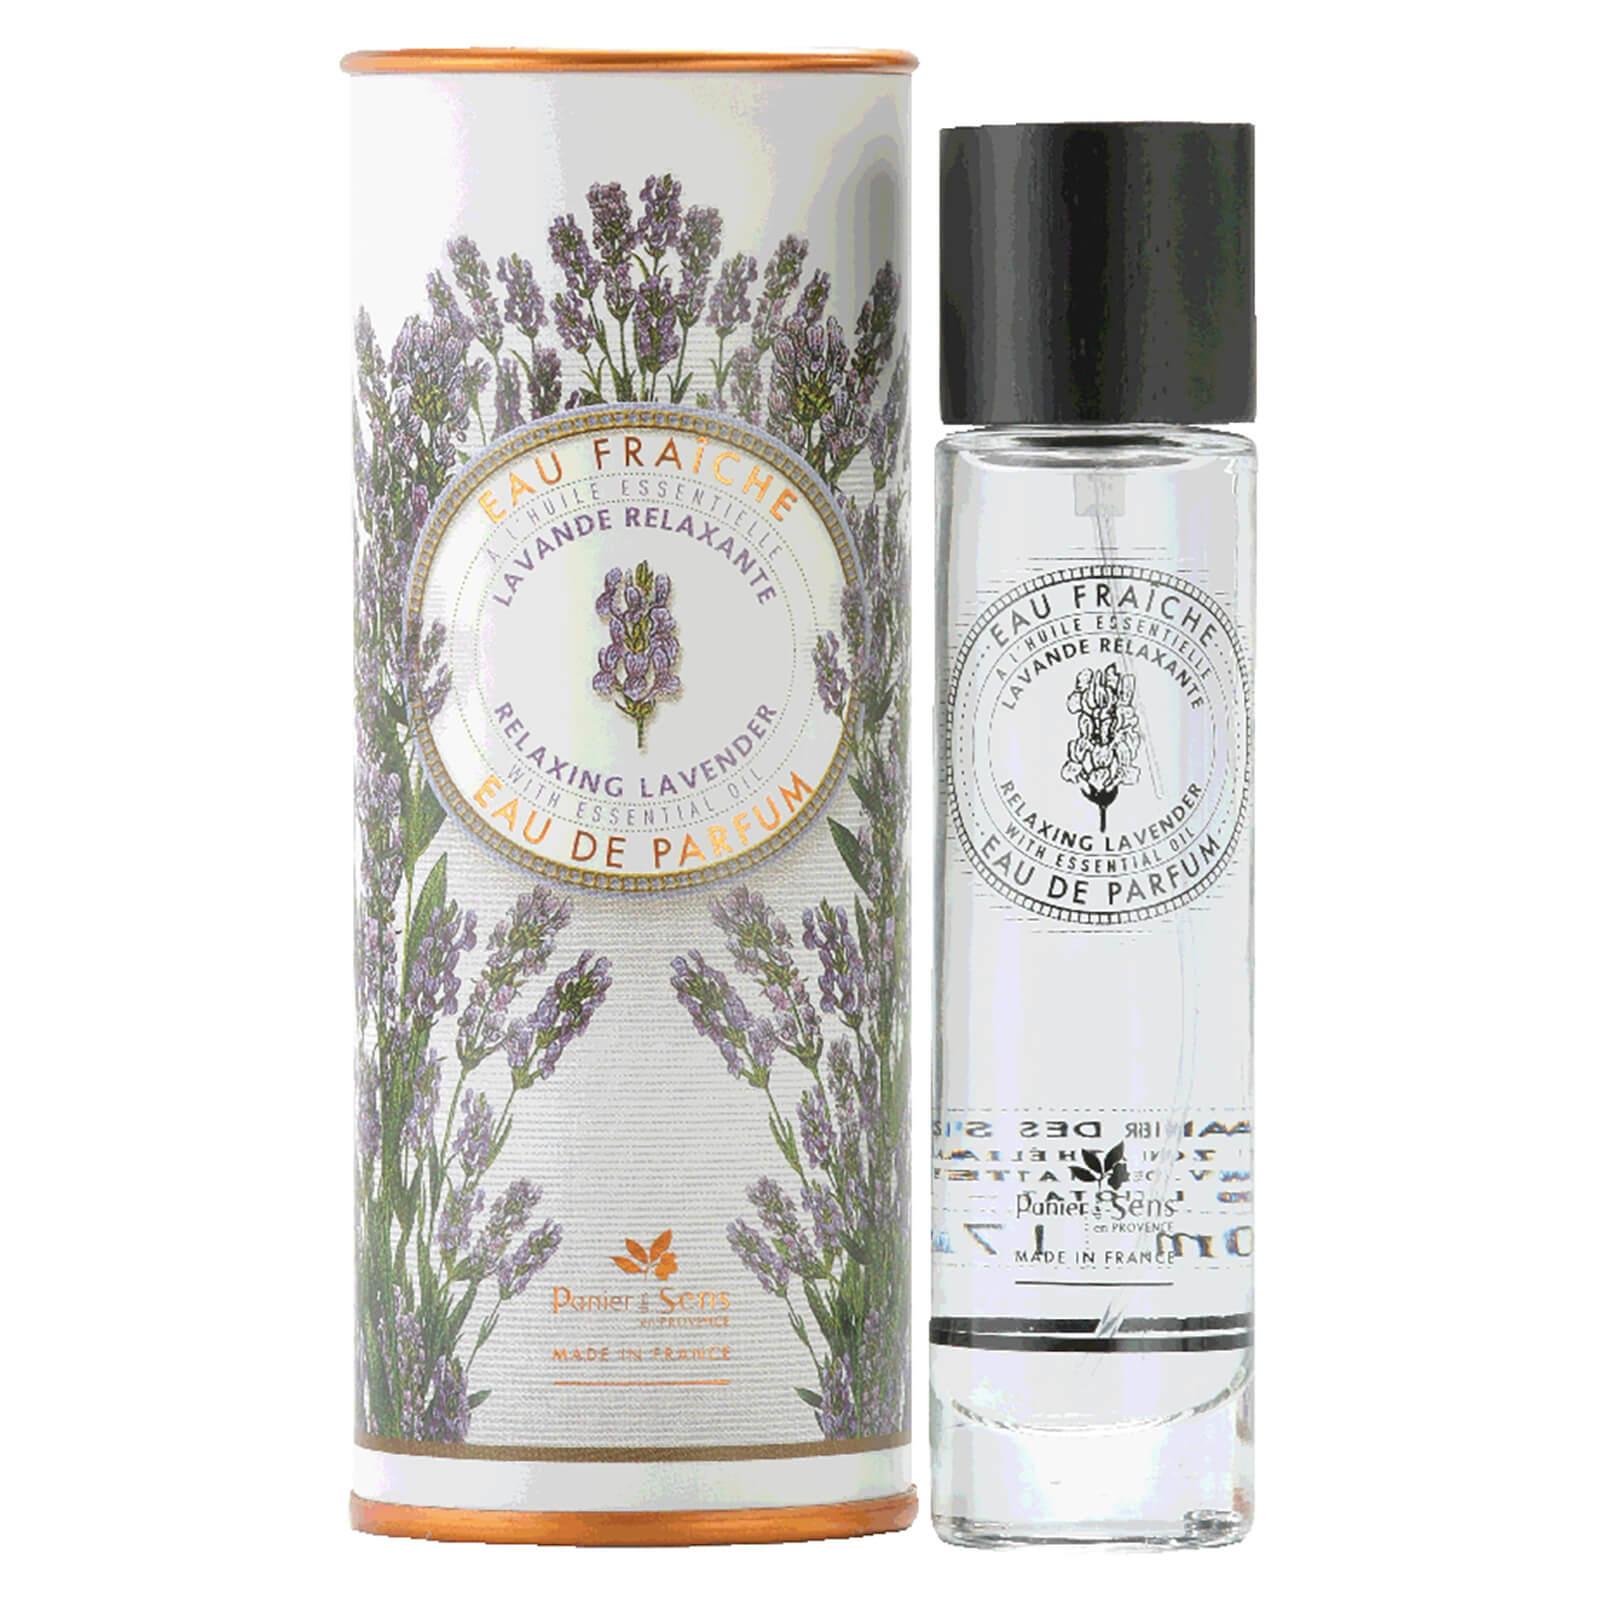 Panier des Sens The Essentials Relaxing Lavender Eau de Parfum